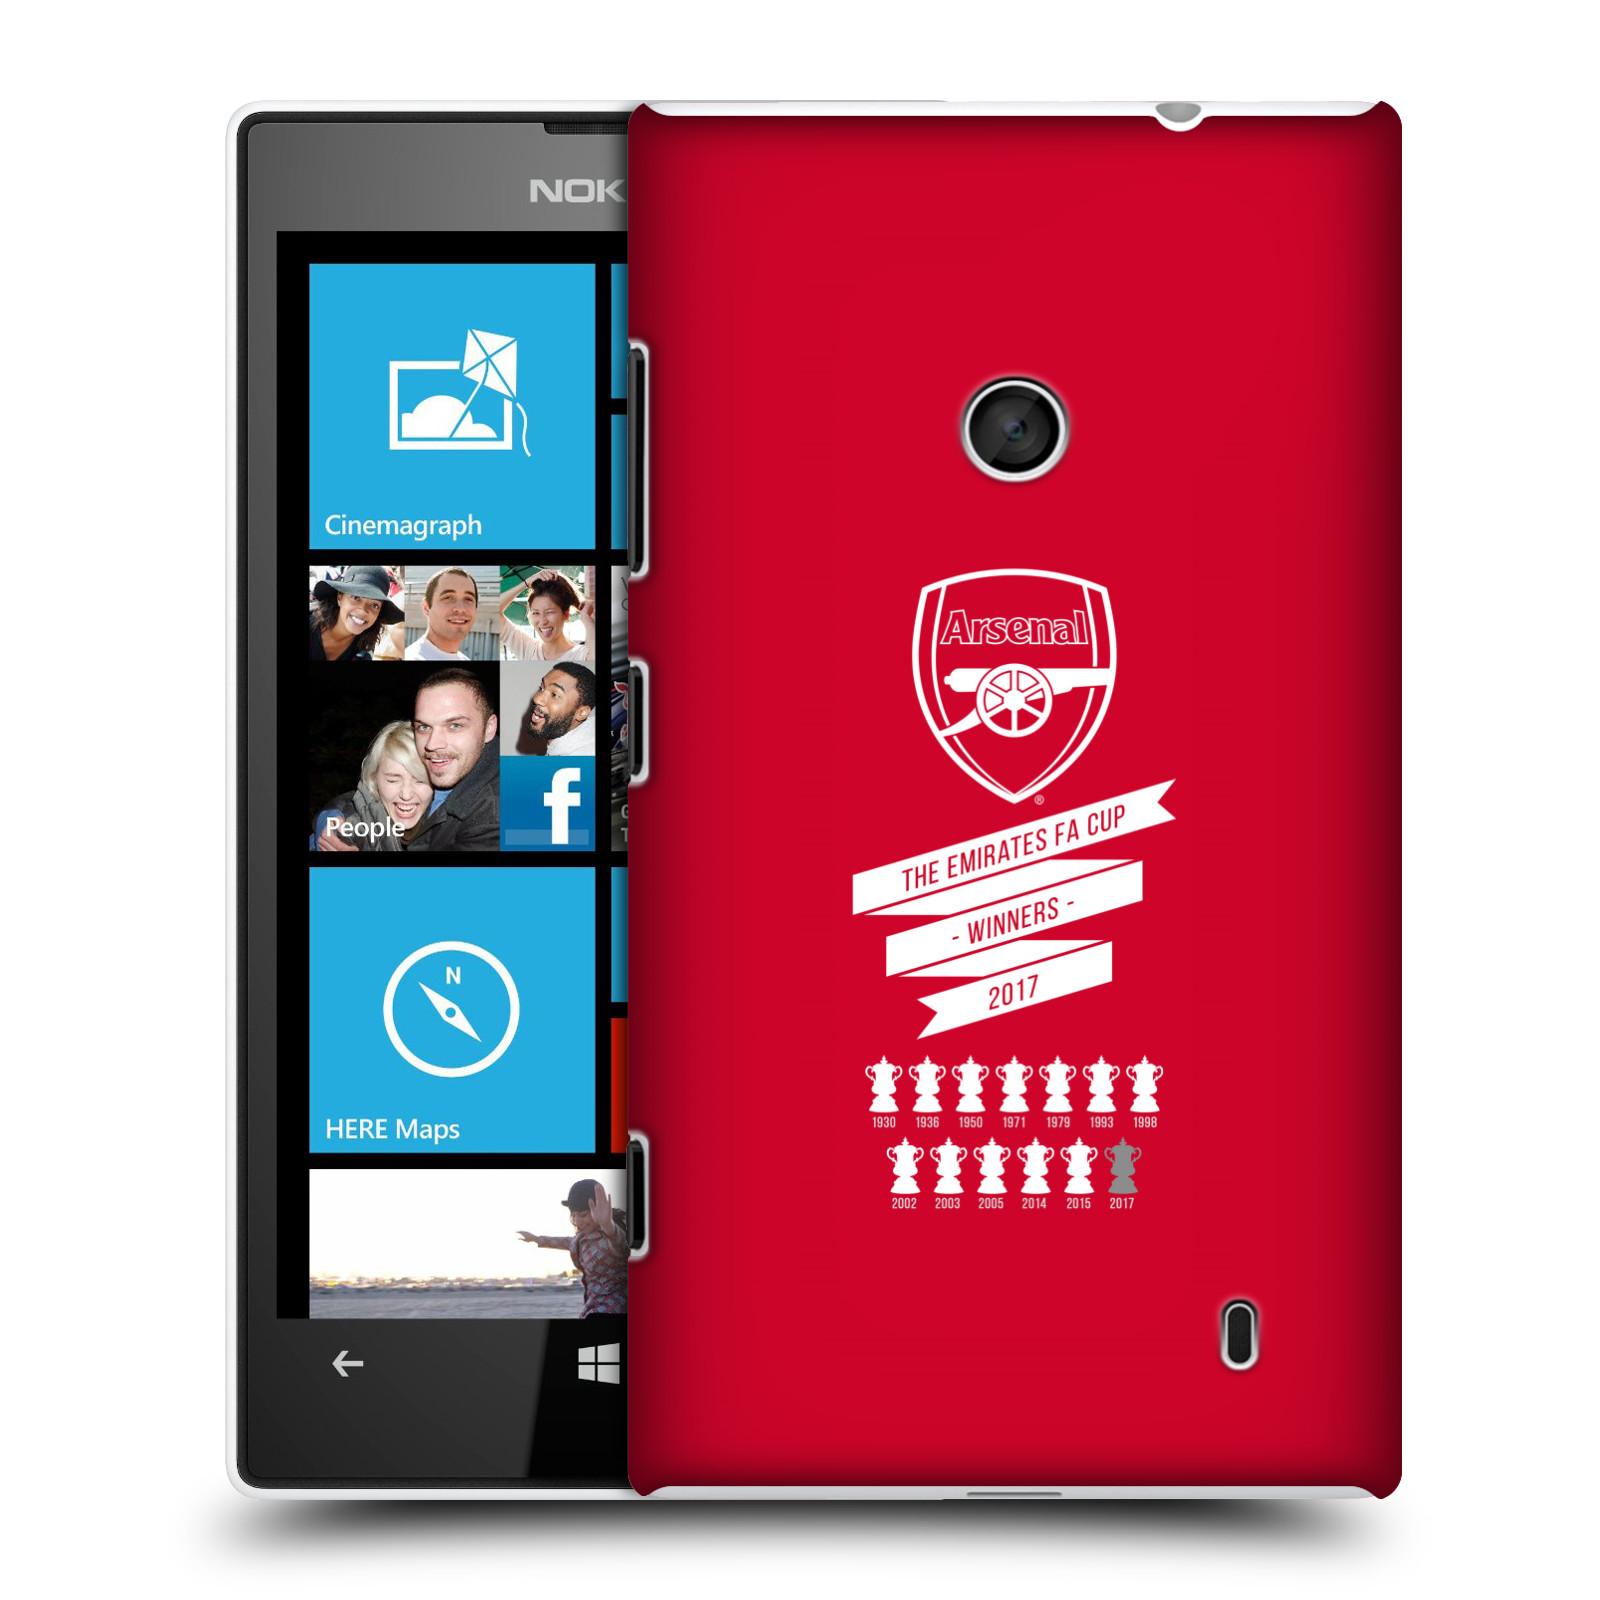 Plastové pouzdro na mobil Nokia Lumia 520 - Head Case - Arsenal FC - 13 Wins